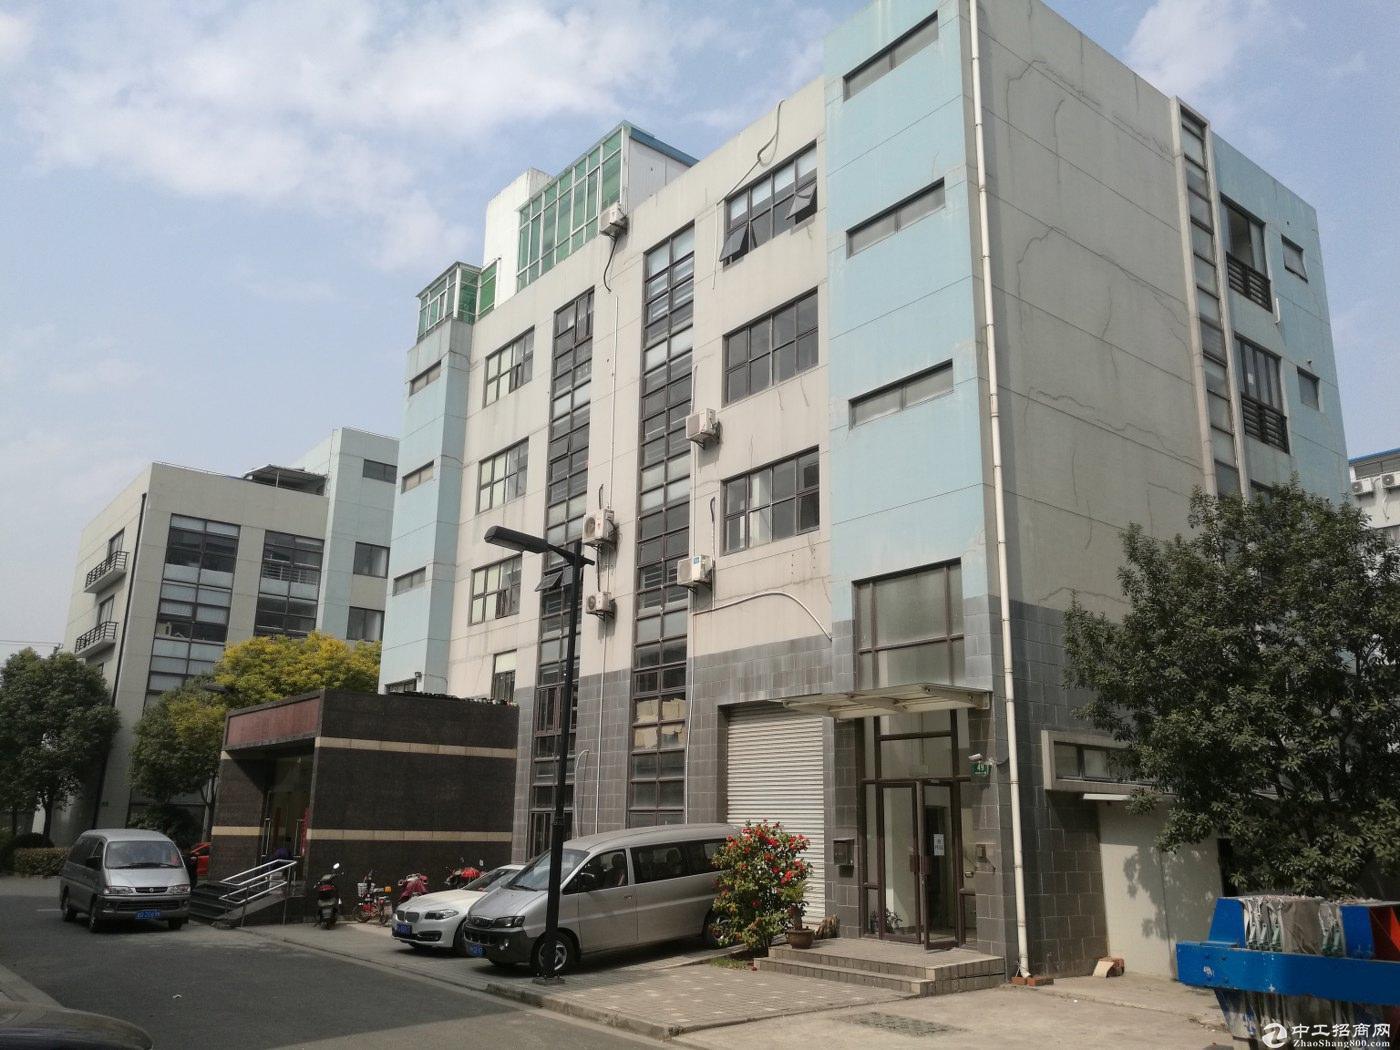 嘉定南翔 小面积独栋办公研发总部 可按揭 业主诚售